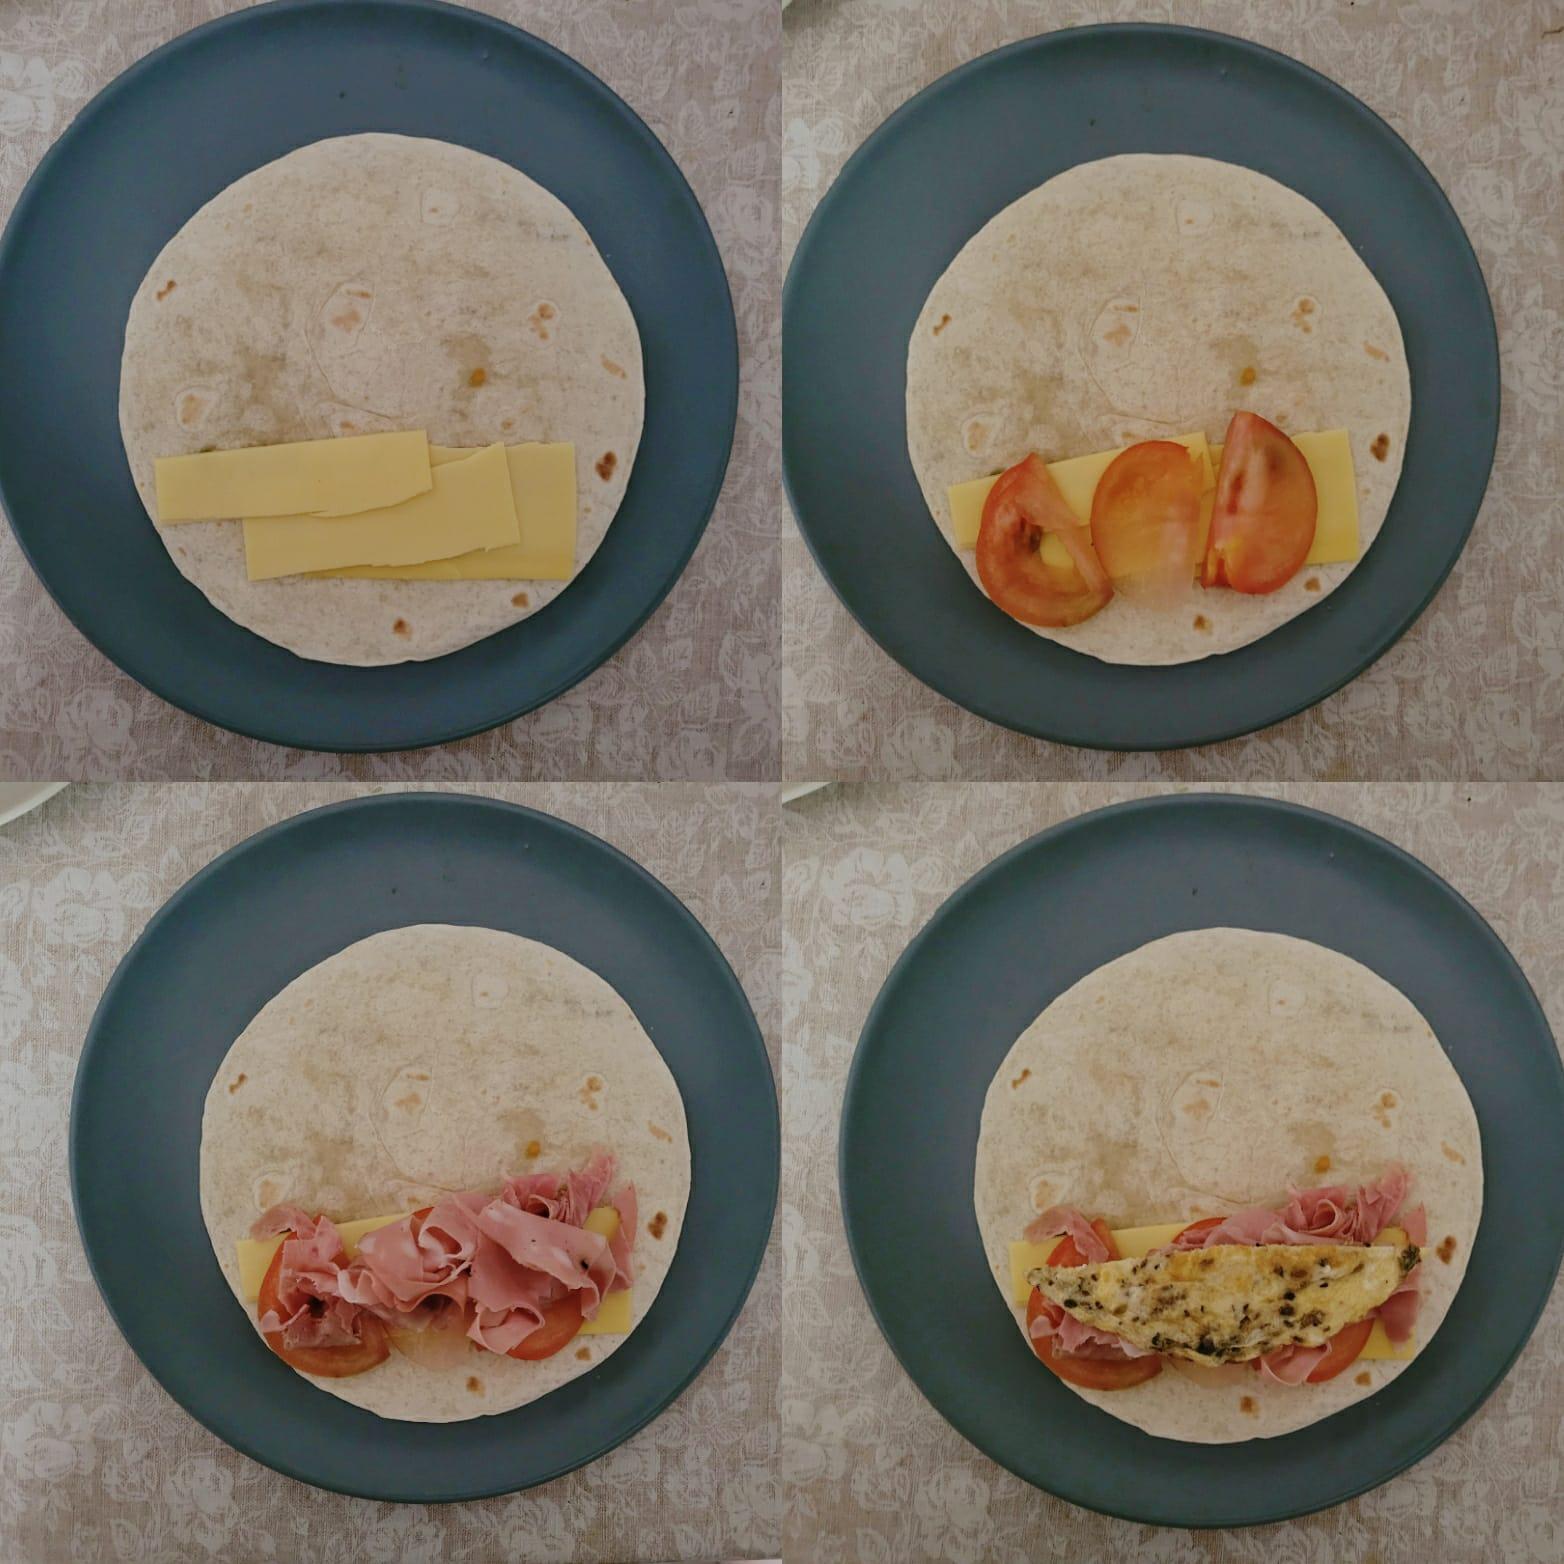 quesadillas tortillas